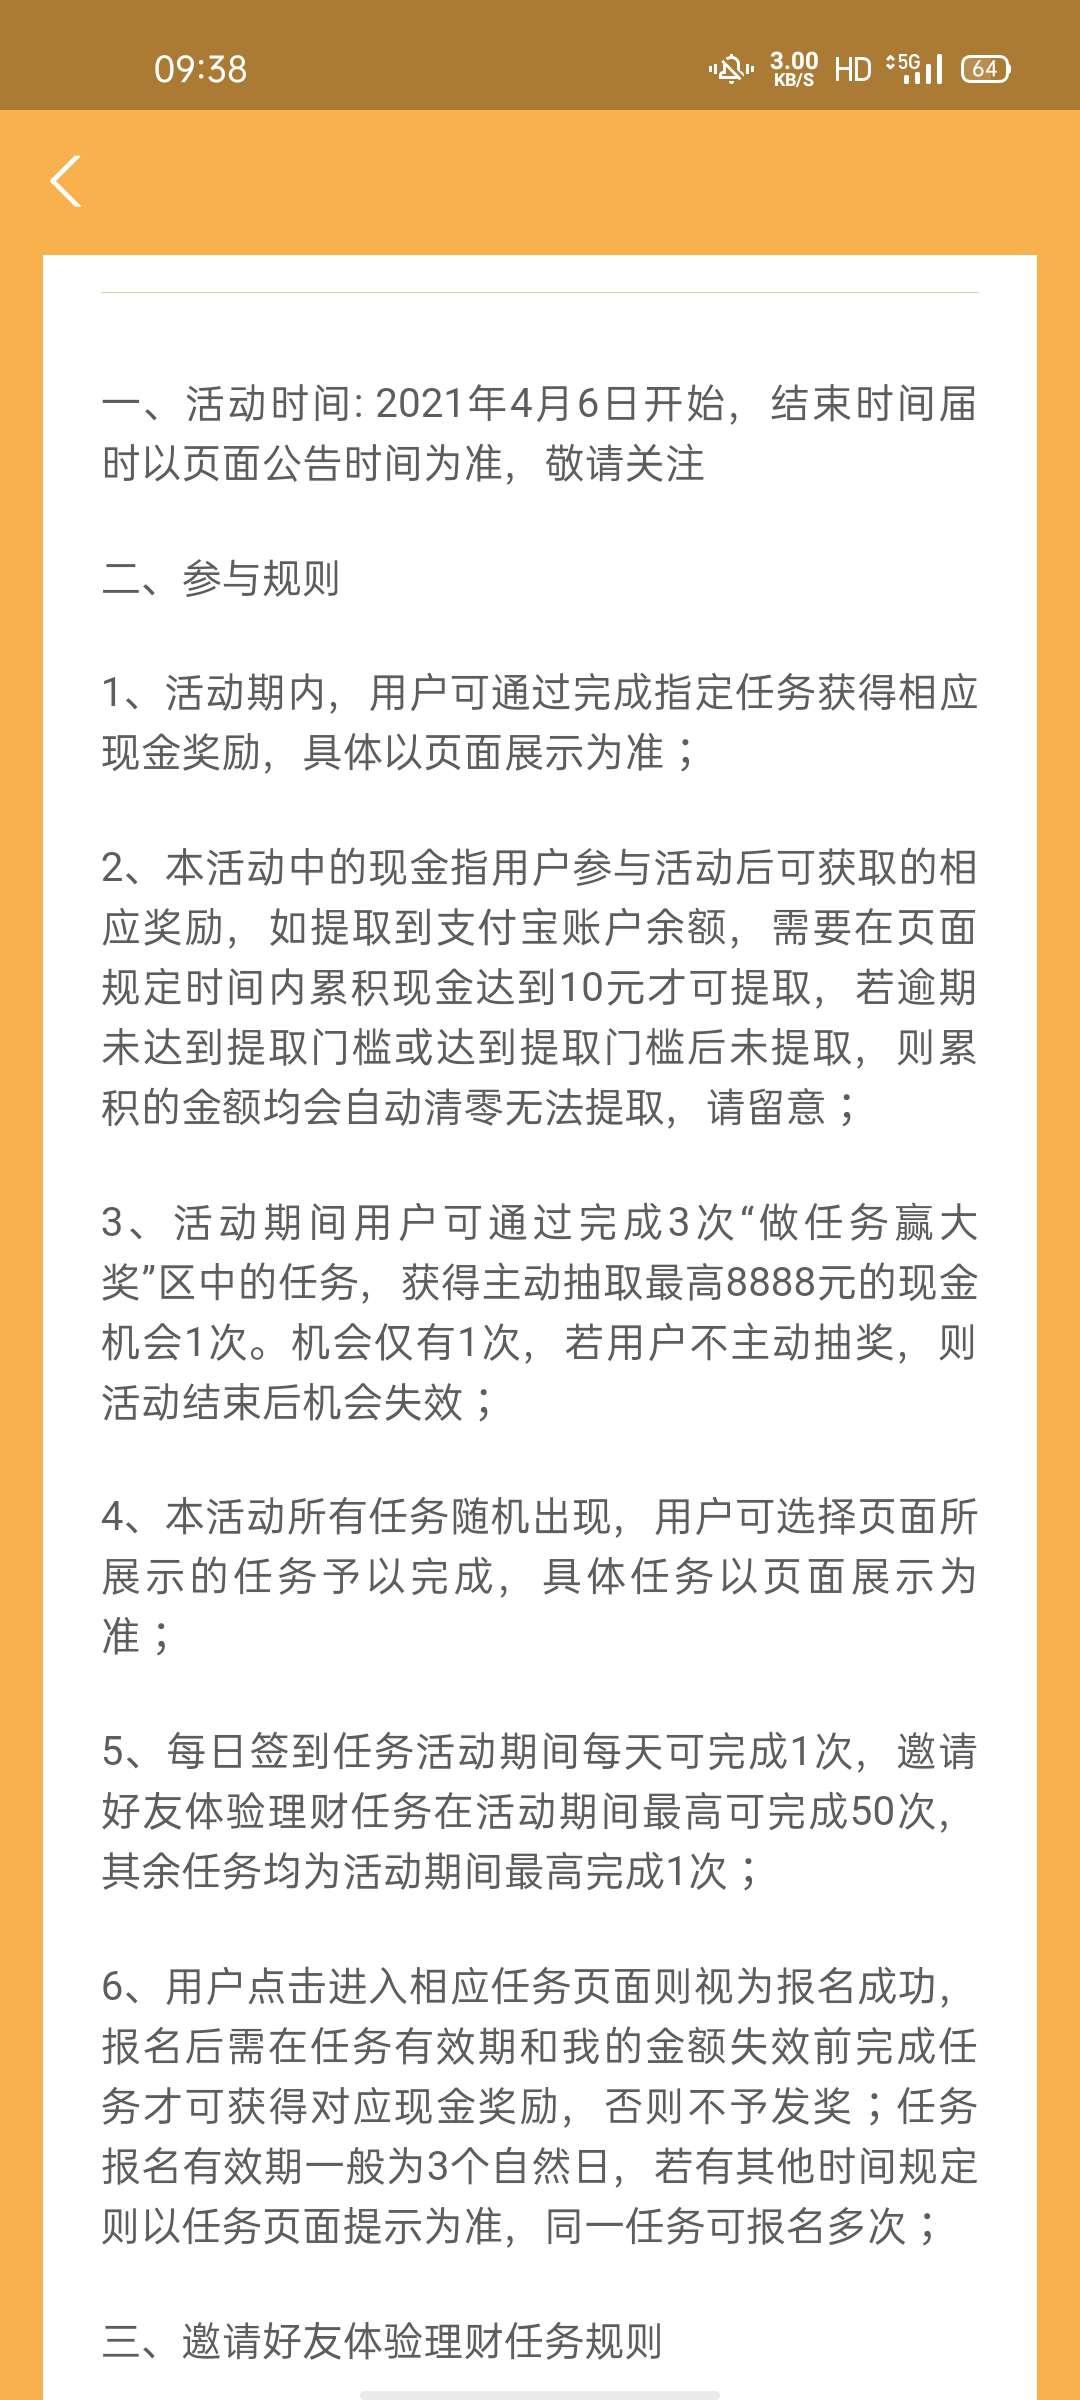 【大红包会员专区】支付宝钱包领十元账户余额插图2